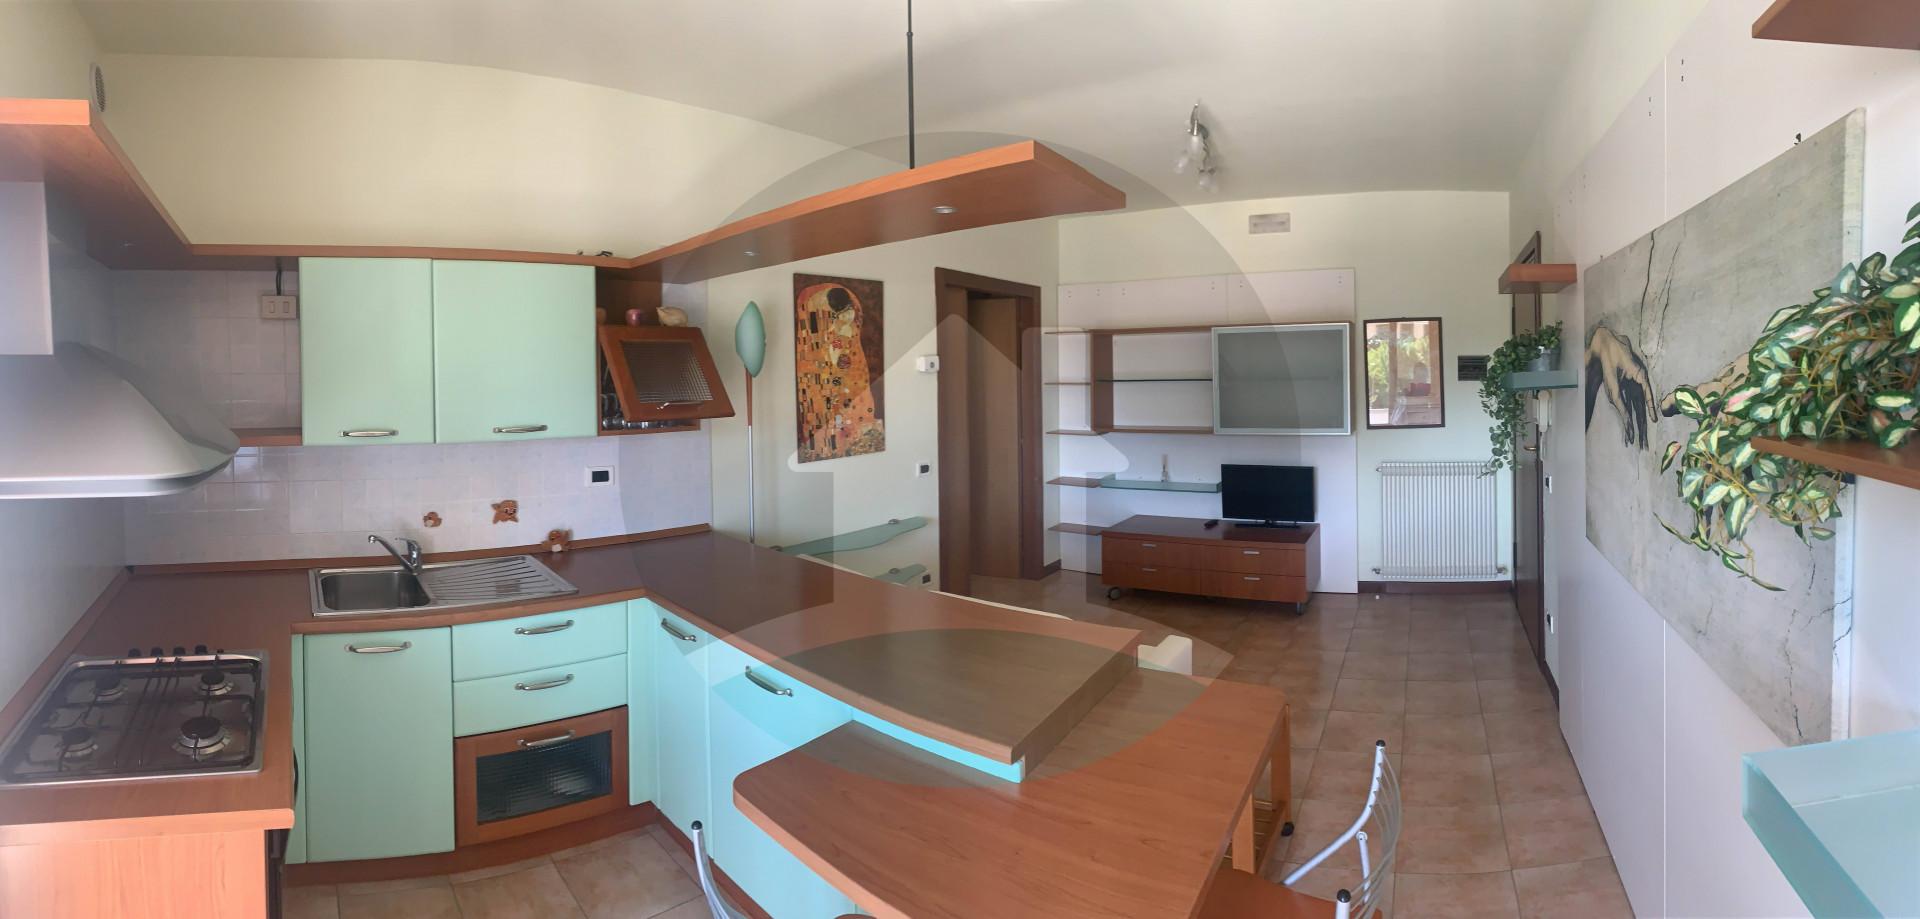 Appartamento in vendita a Ronchi dei Legionari, 2 locali, prezzo € 73.000   PortaleAgenzieImmobiliari.it